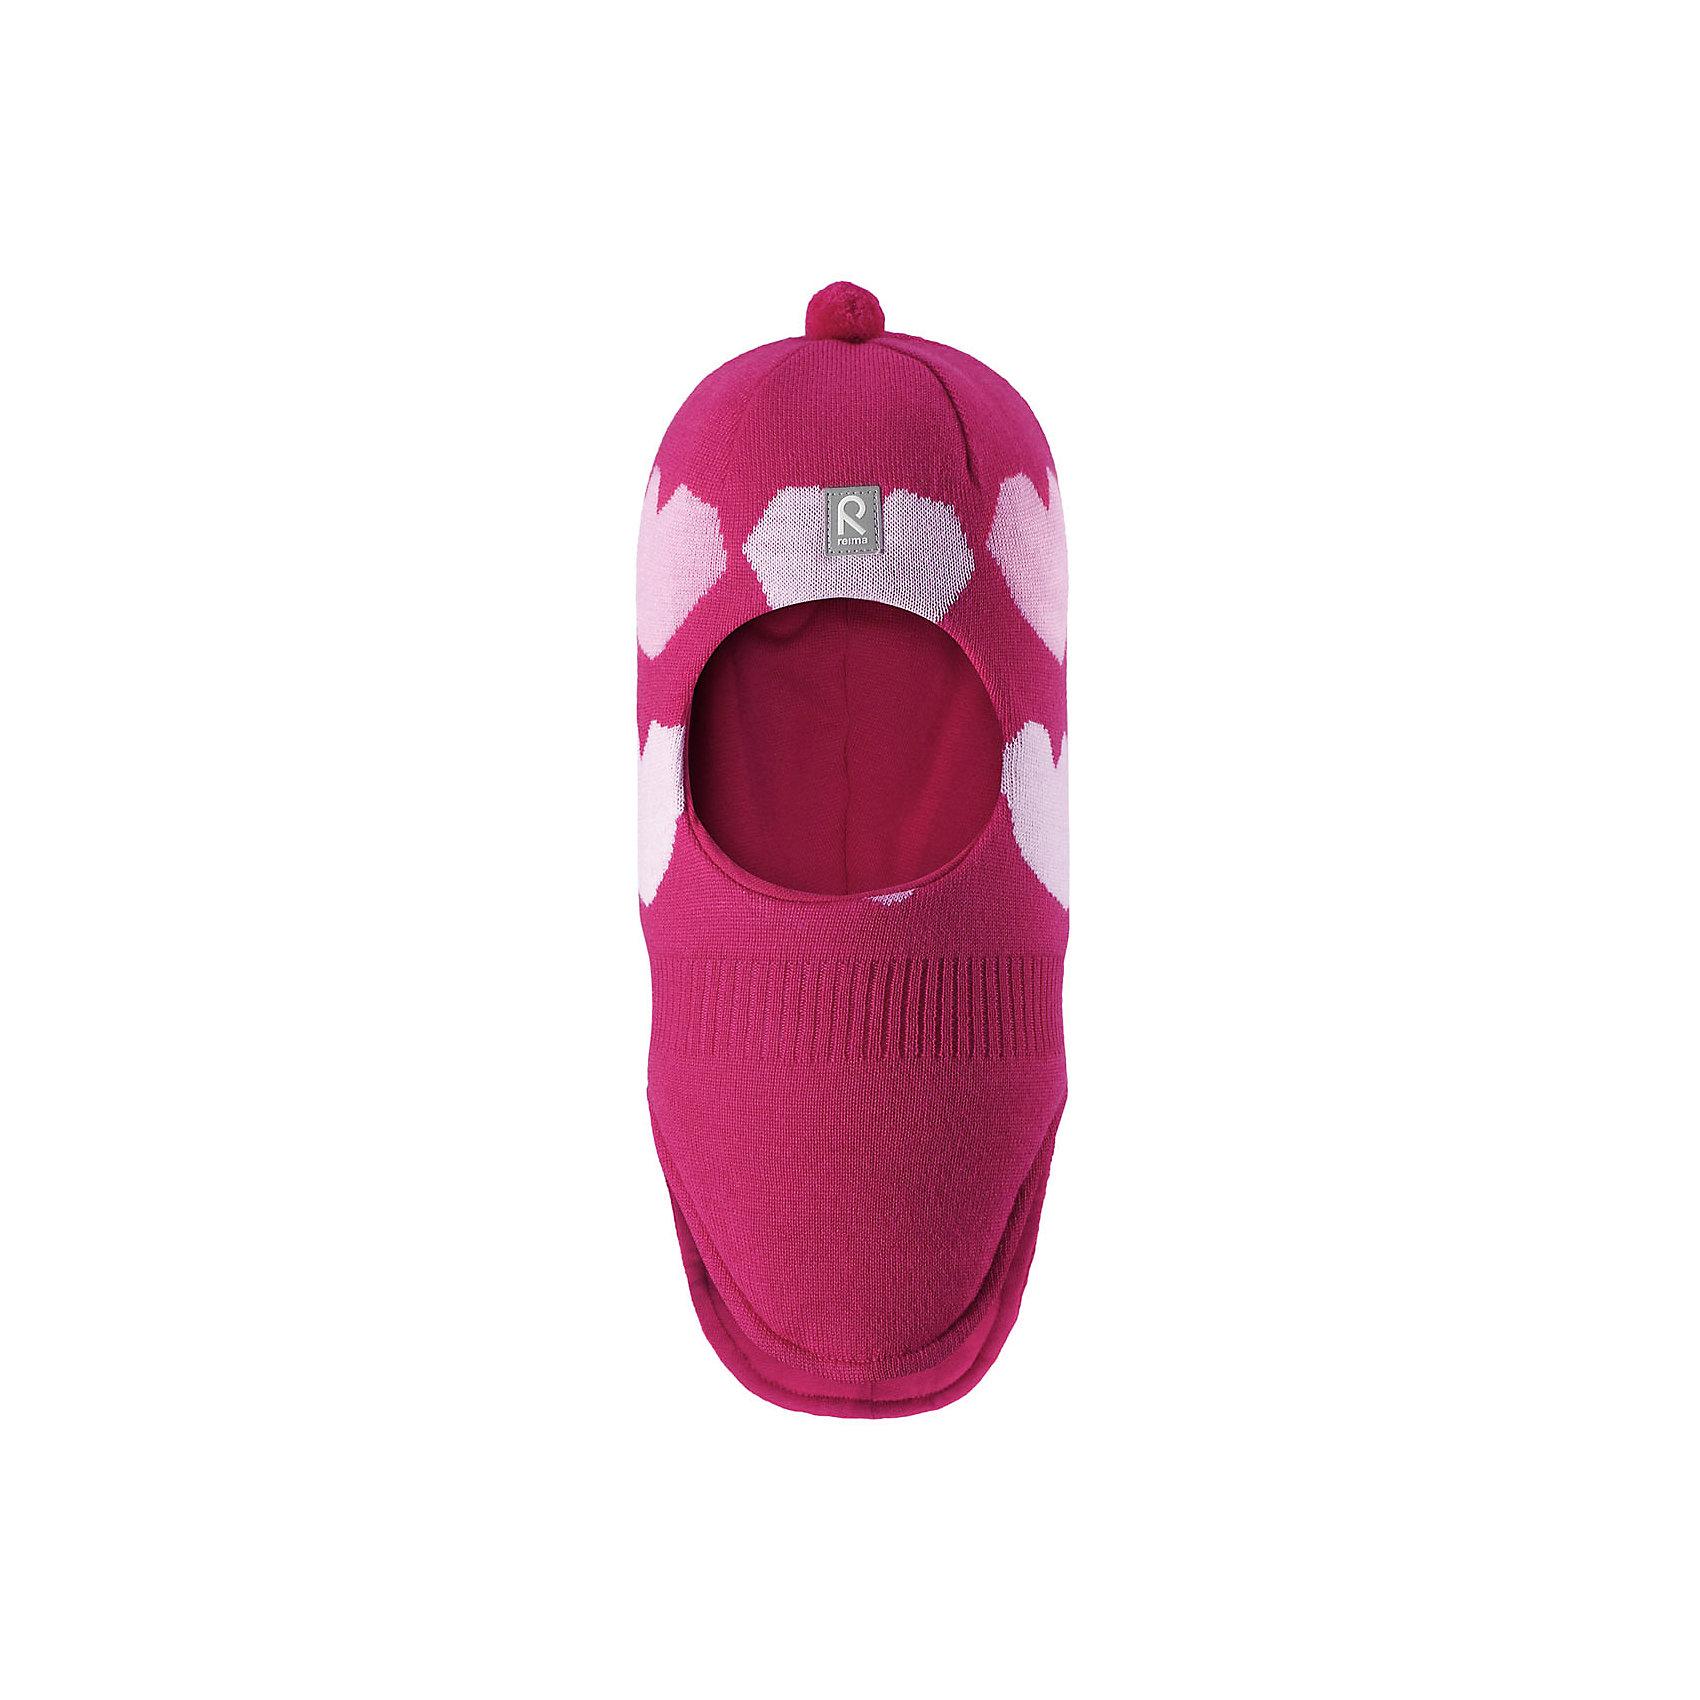 Шапка-шлем Reima Louhii для девочкиГоловные уборы<br>Характеристики товара:<br><br>• цвет: розовый;<br>• состав: 100% шерсть;<br>• подкладка: 97% хлопок, 3% эластан;<br>• утеплитель: 40 г/м2;<br>• сезон: зима;<br>• температурный режим: от 0 до -20С;<br>• мягкая ткань из мериносовой шерсти для поддержания идеальной температуры тела;<br>• ветронепроницаемые вставки в области ушей;<br>• сплошная подкладка: хлопковый трикотаж с эластаном;<br>• шапка-шлем с помпоном сверху;<br>• логотип Reima® спереди;<br>• страна бренда: Финляндия;<br>• страна изготовитель: Китай.<br><br>Мягкая и удобная шапка-шлем для малышей превосходно согреет в зимний день. Она сделана из мягкой мериносовой шерсти, которая превосходно регулирует температуру. Снабжена полной подкладкой из удобного джерси из смеси хлопка и эластана, легким утеплителем и ветронепроницаемыми вставками в области ушей. Сплошная жаккардовая узорная вязка. Помпон на макушке довершает стильный образ!<br><br>Шапку-шлем Reima Louhii для девочки от финского бренда Reima (Рейма) можно купить в нашем интернет-магазине.<br><br>Ширина мм: 89<br>Глубина мм: 117<br>Высота мм: 44<br>Вес г: 155<br>Цвет: розовый<br>Возраст от месяцев: 72<br>Возраст до месяцев: 84<br>Пол: Женский<br>Возраст: Детский<br>Размер: 54,50,52<br>SKU: 6902623